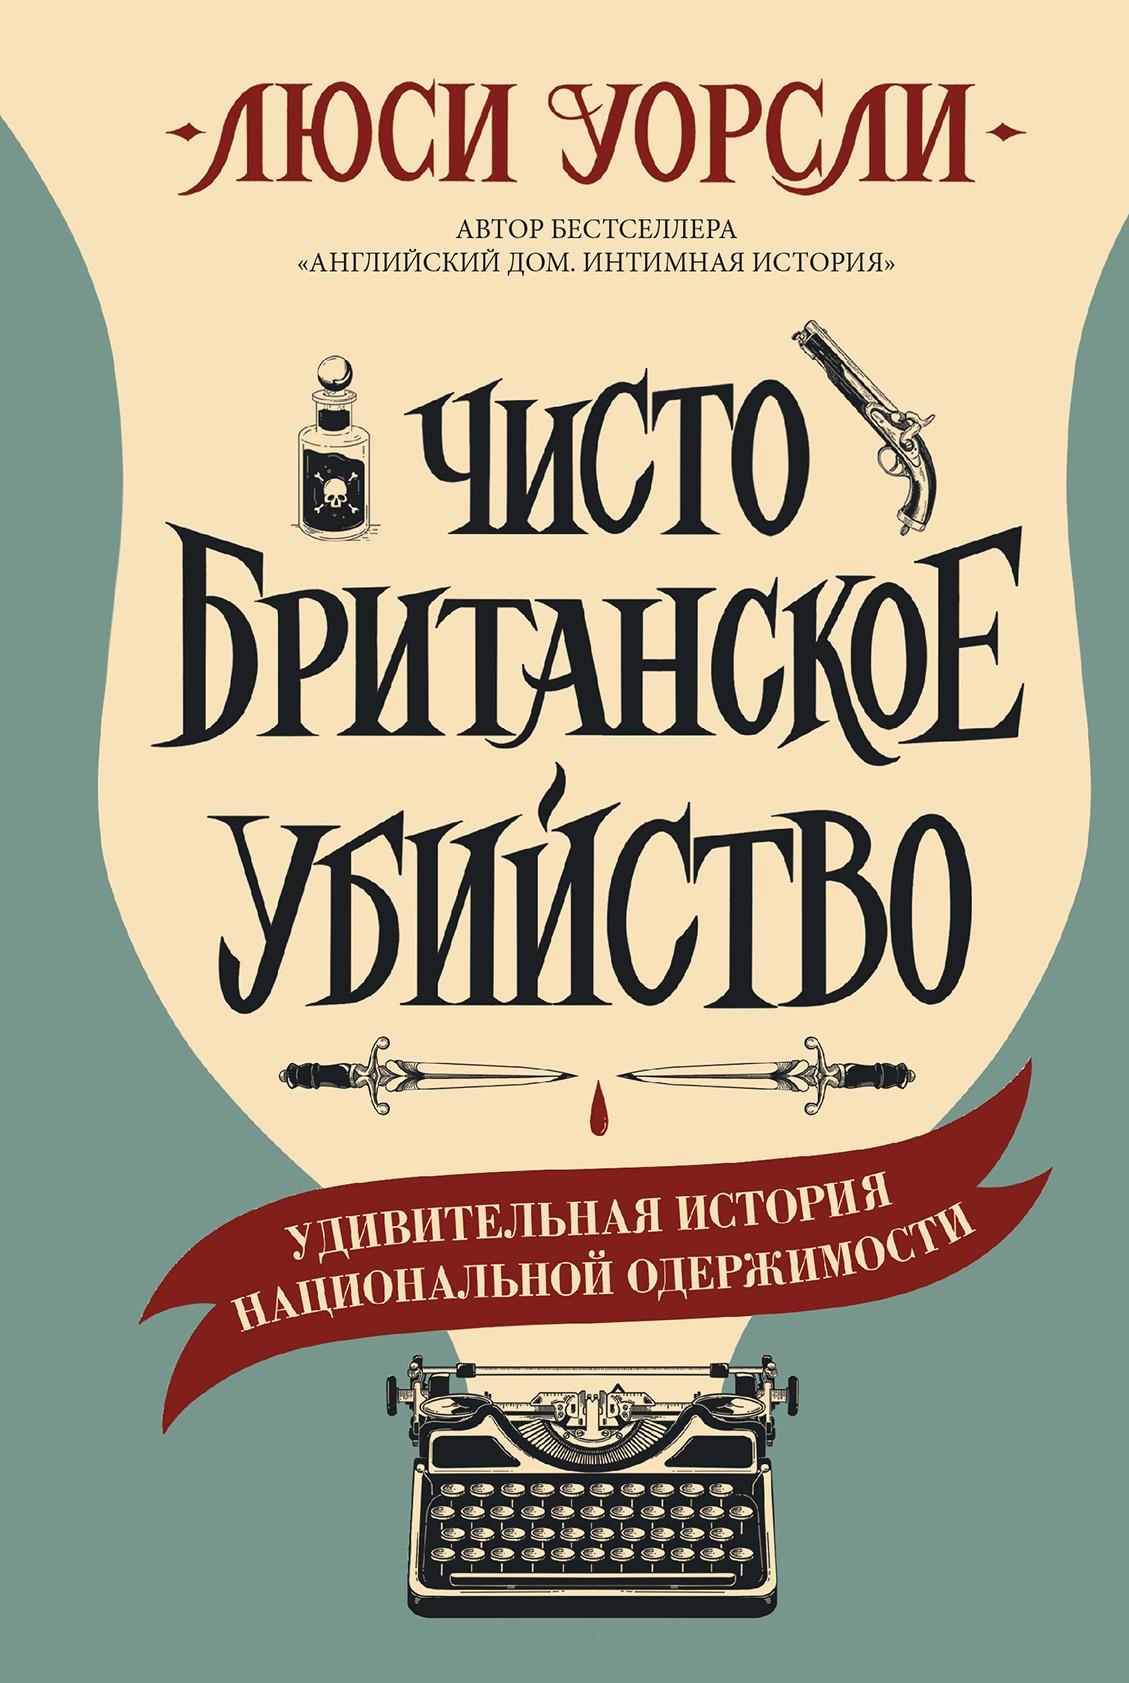 Купить книгу Чисто британское убийство. Удивительная история национальной одержимости, автора Люси Уорсли